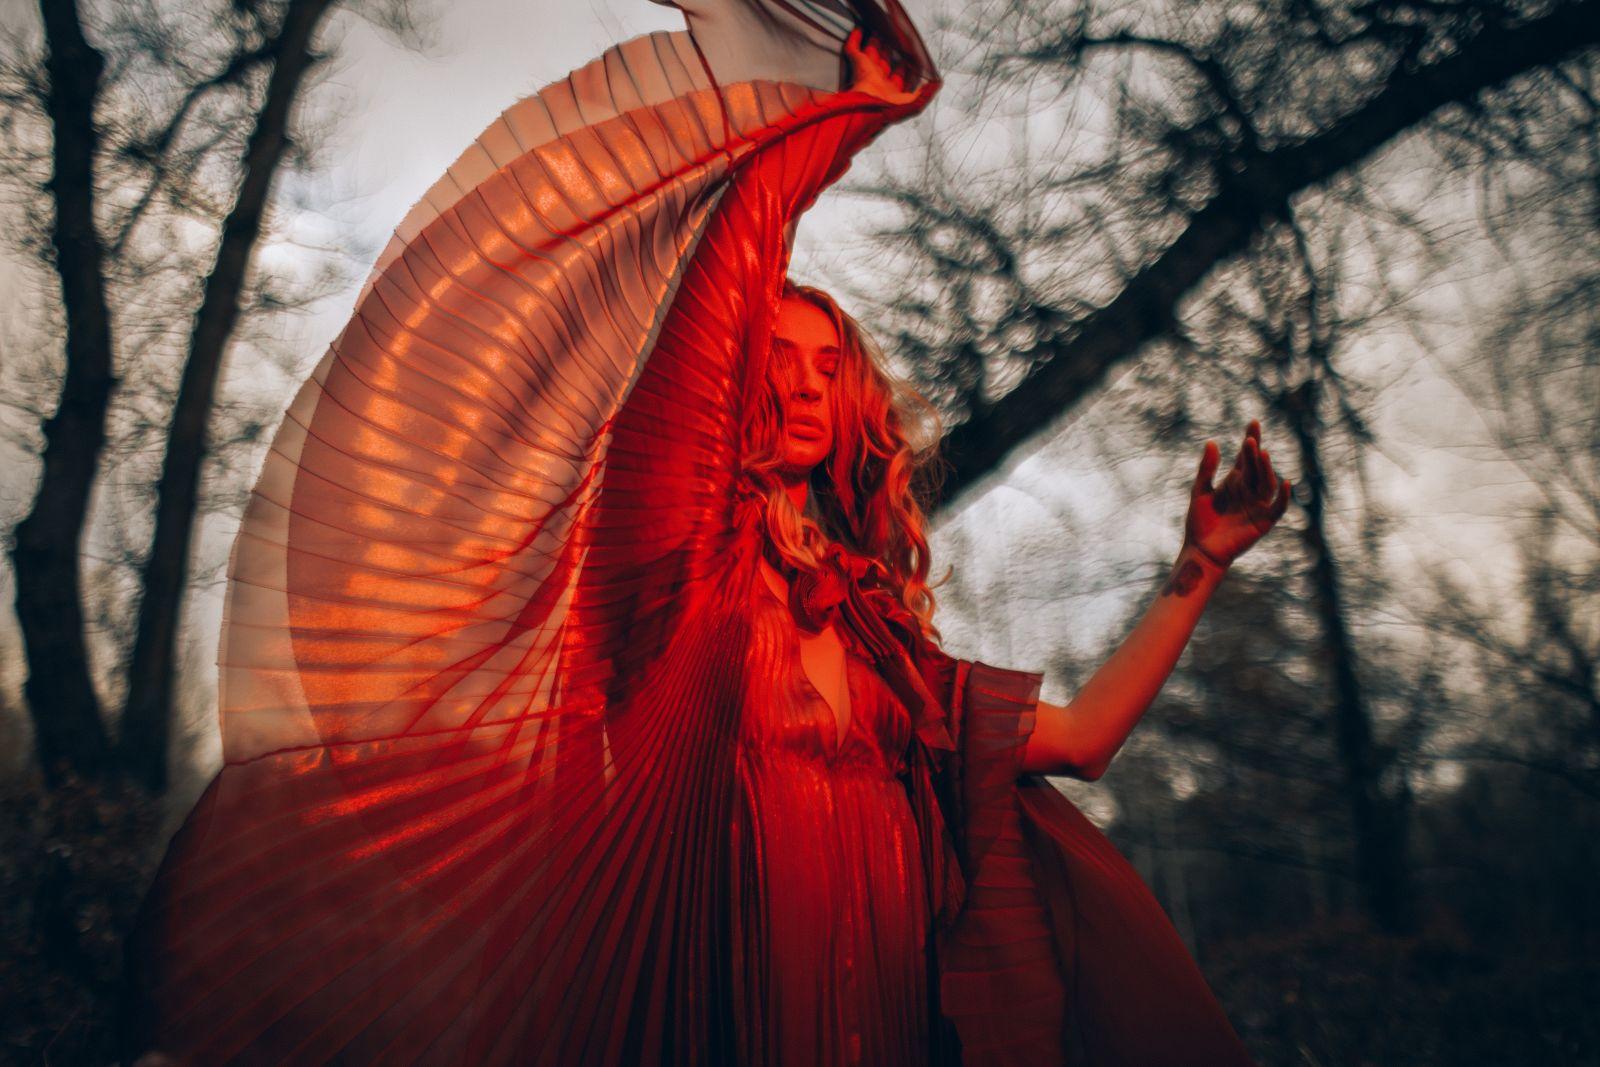 Финалистка нацотбора Евровидения-2017 Tayanna рассказала о своих грехах в новом клипе